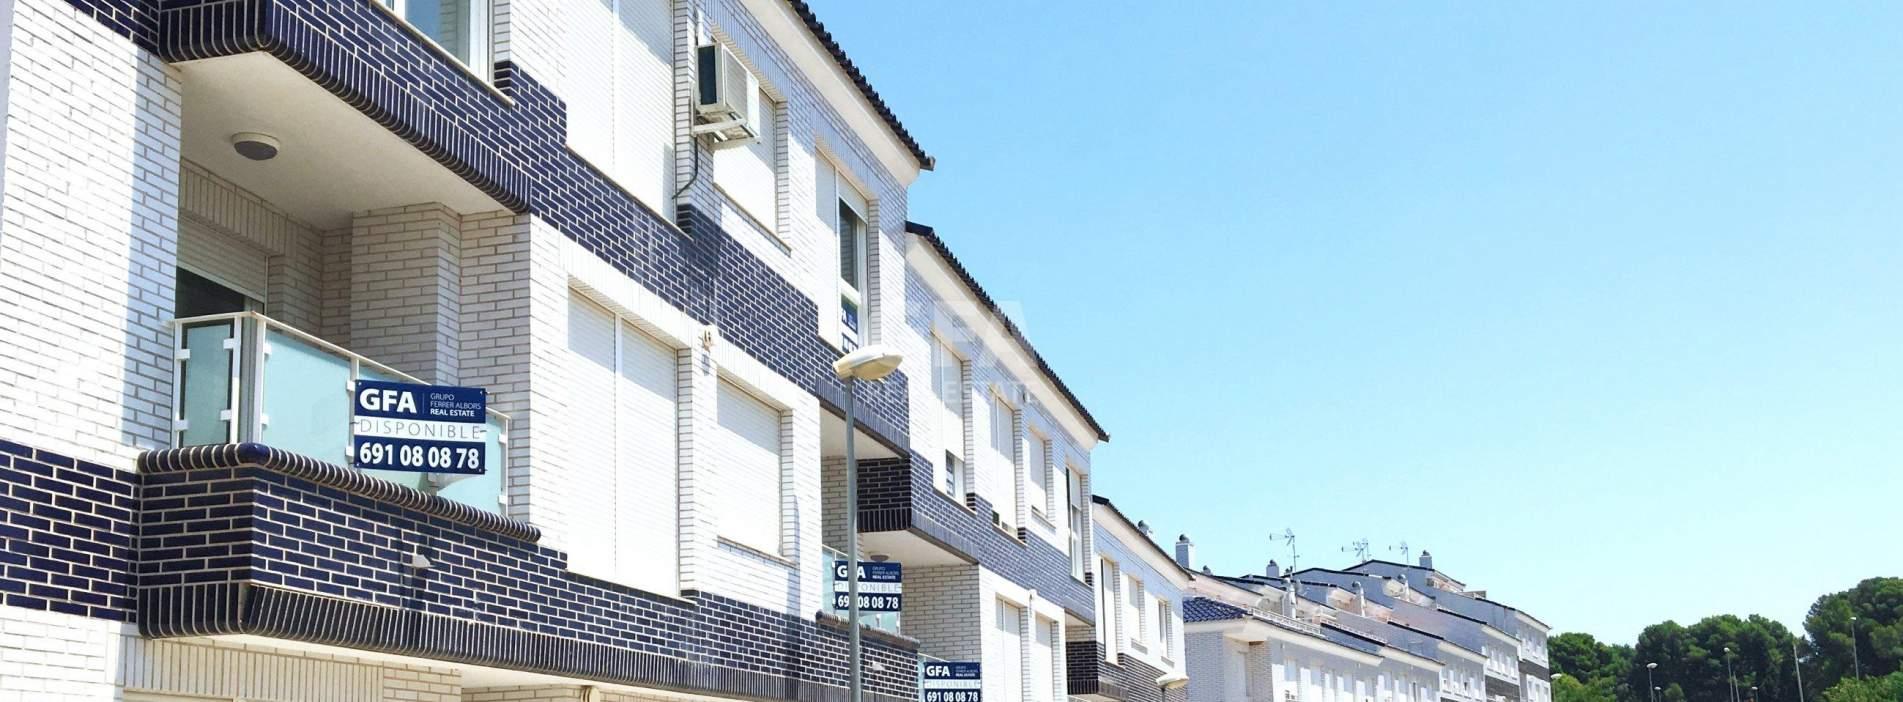 Viviendas garajes y trasteros a estrenar en Soneja, Castellón - Residencial Rio Palancia II